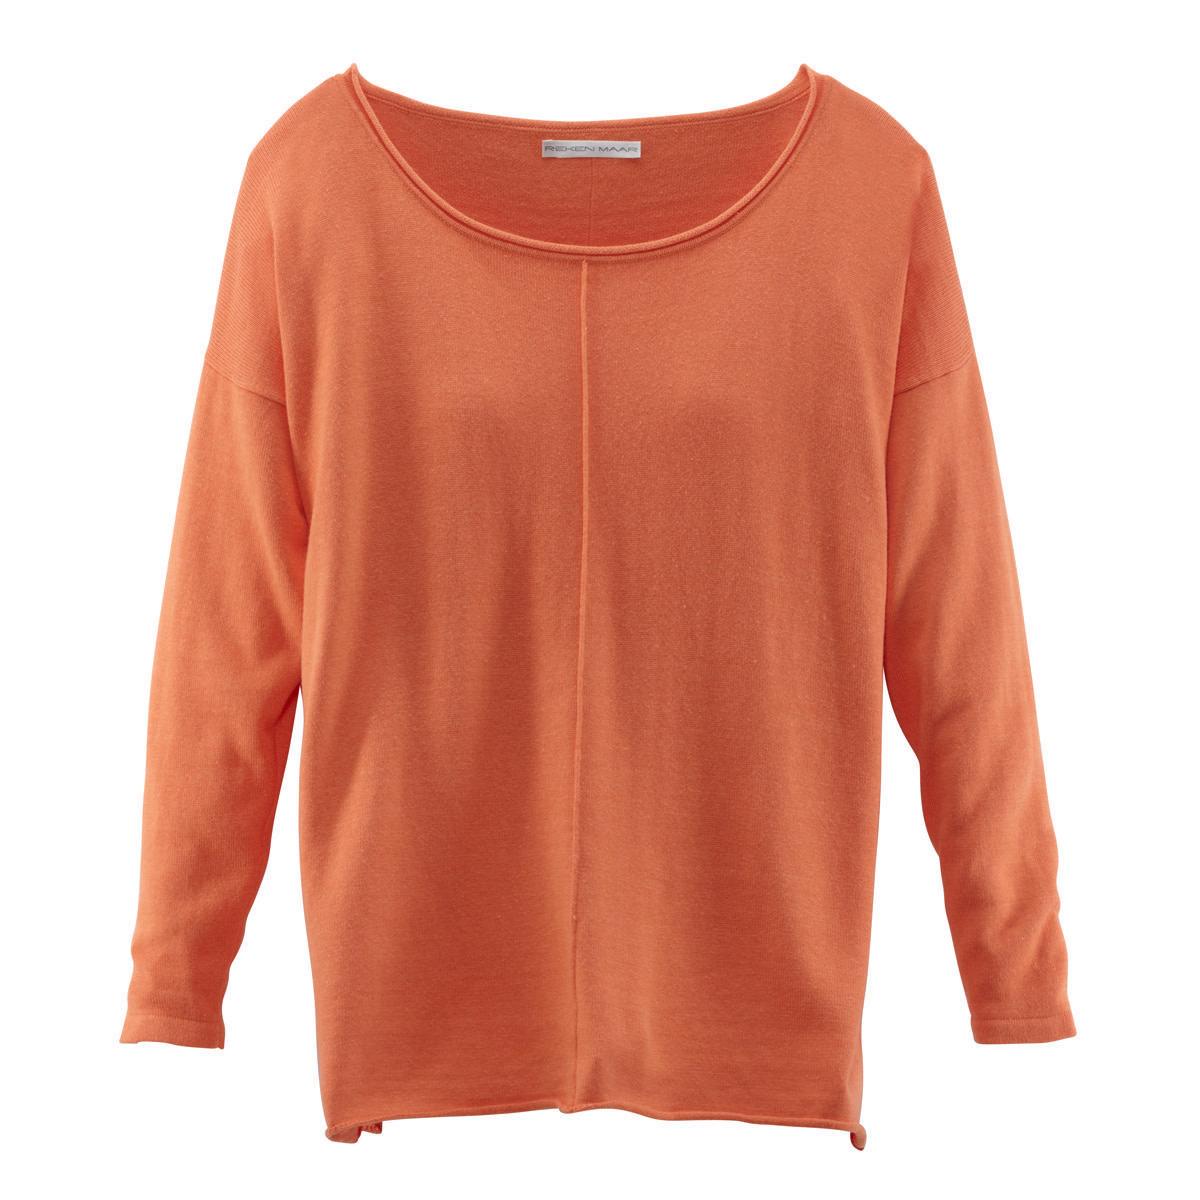 Pullover, überschnittende Schultern, gerollte Saumkanten, Feinstrick